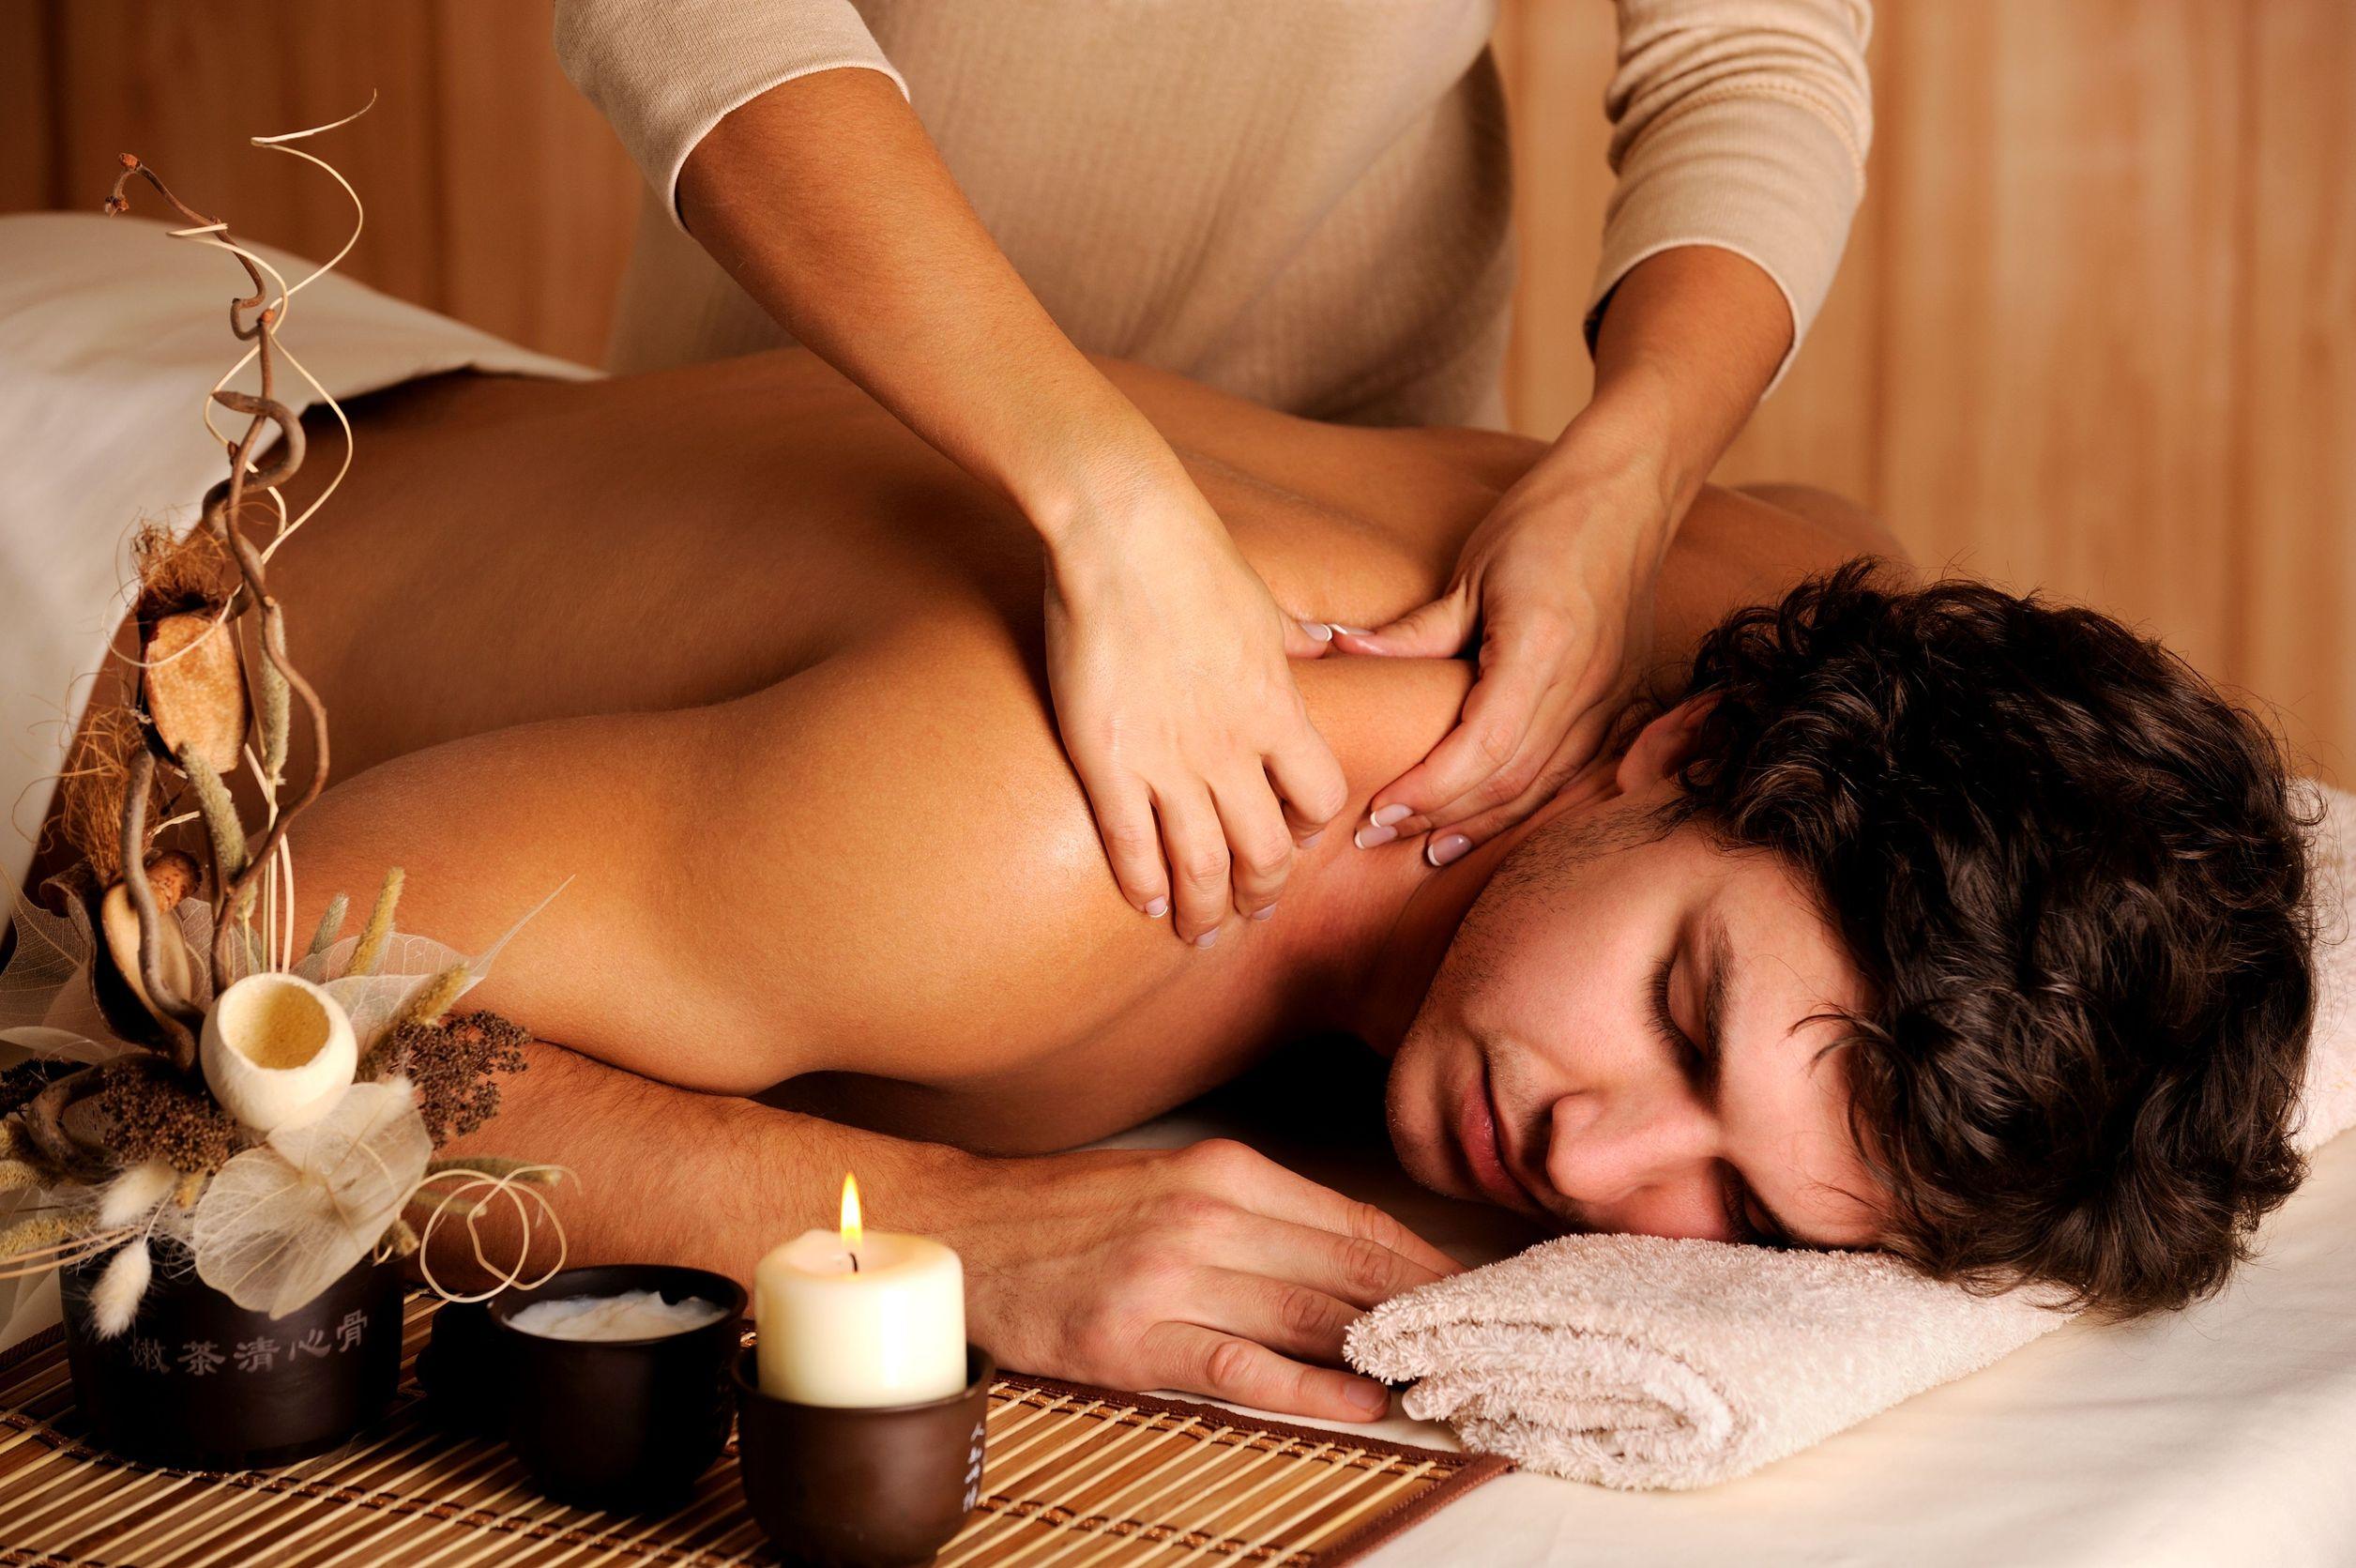 Что такое интимный массаж для мужчин 15 фотография